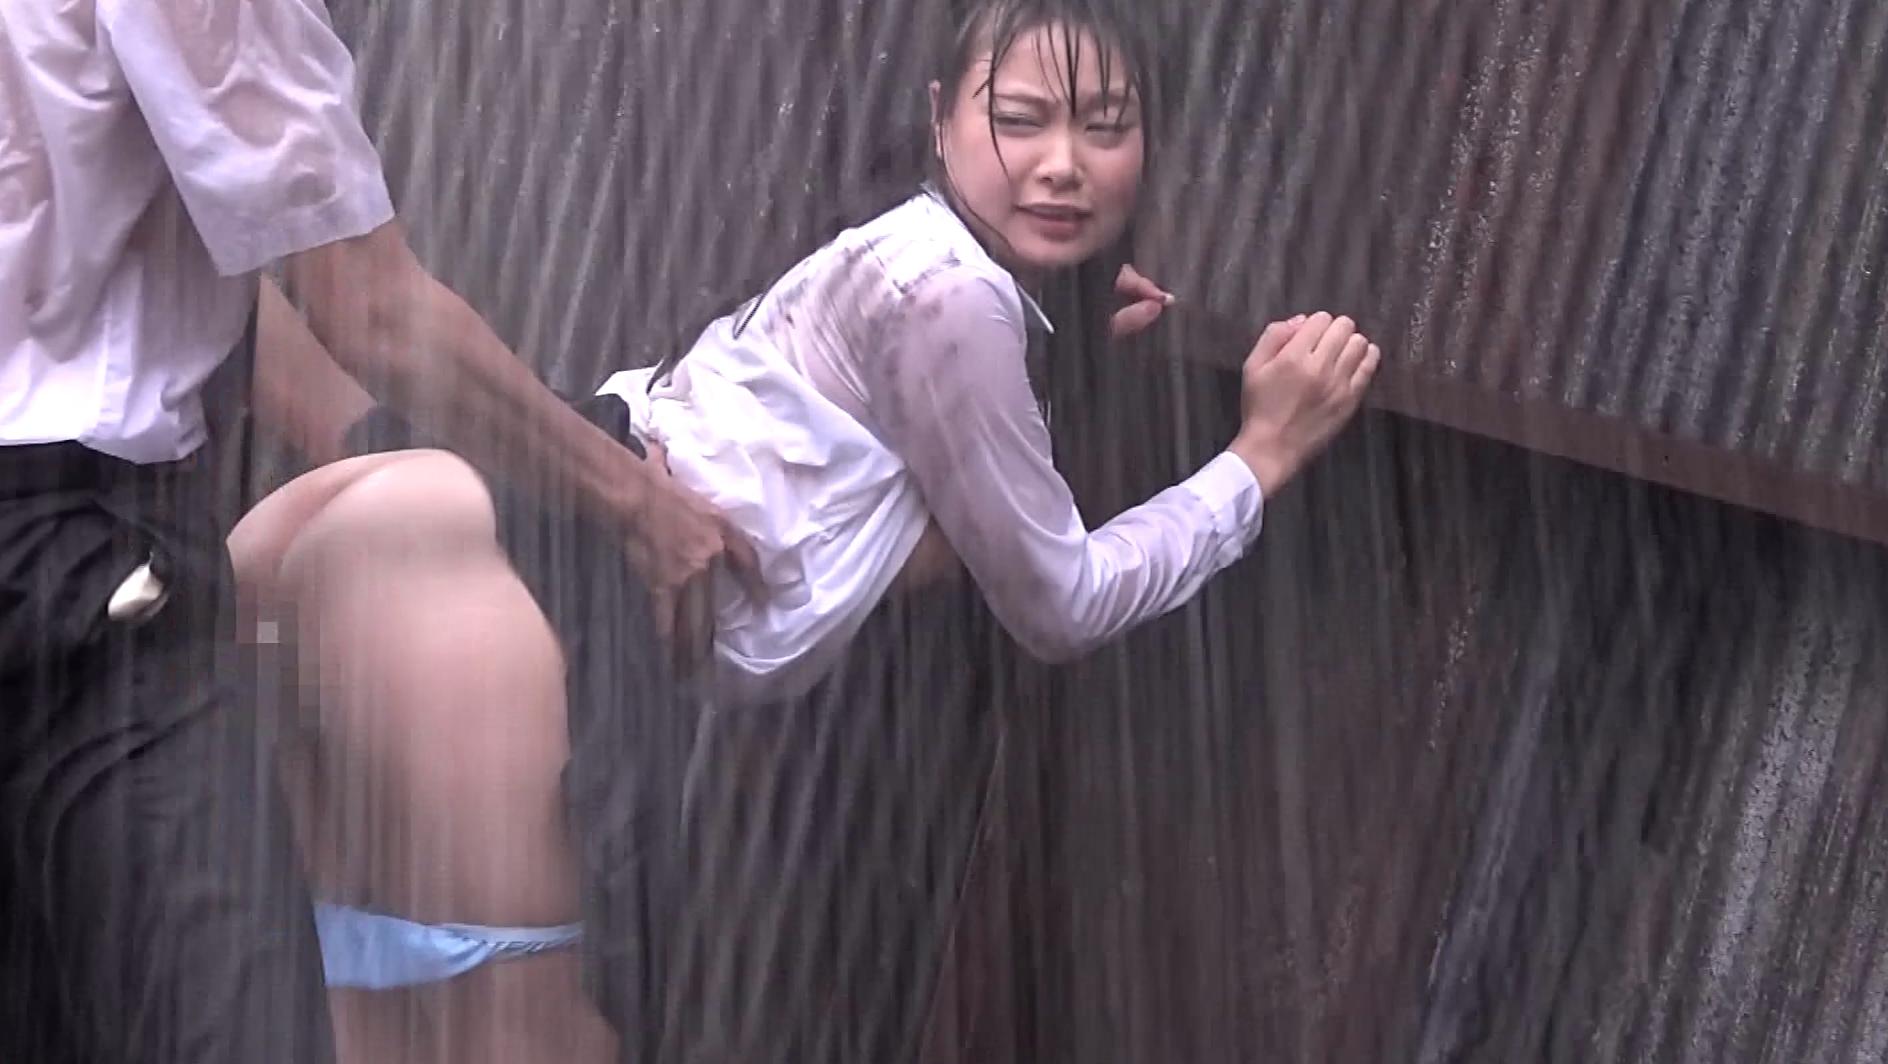 【悲報】どしゃぶりの雨の中レ●プ被害に遭った女の子が悲惨すぎる。(画像あり)・28枚目